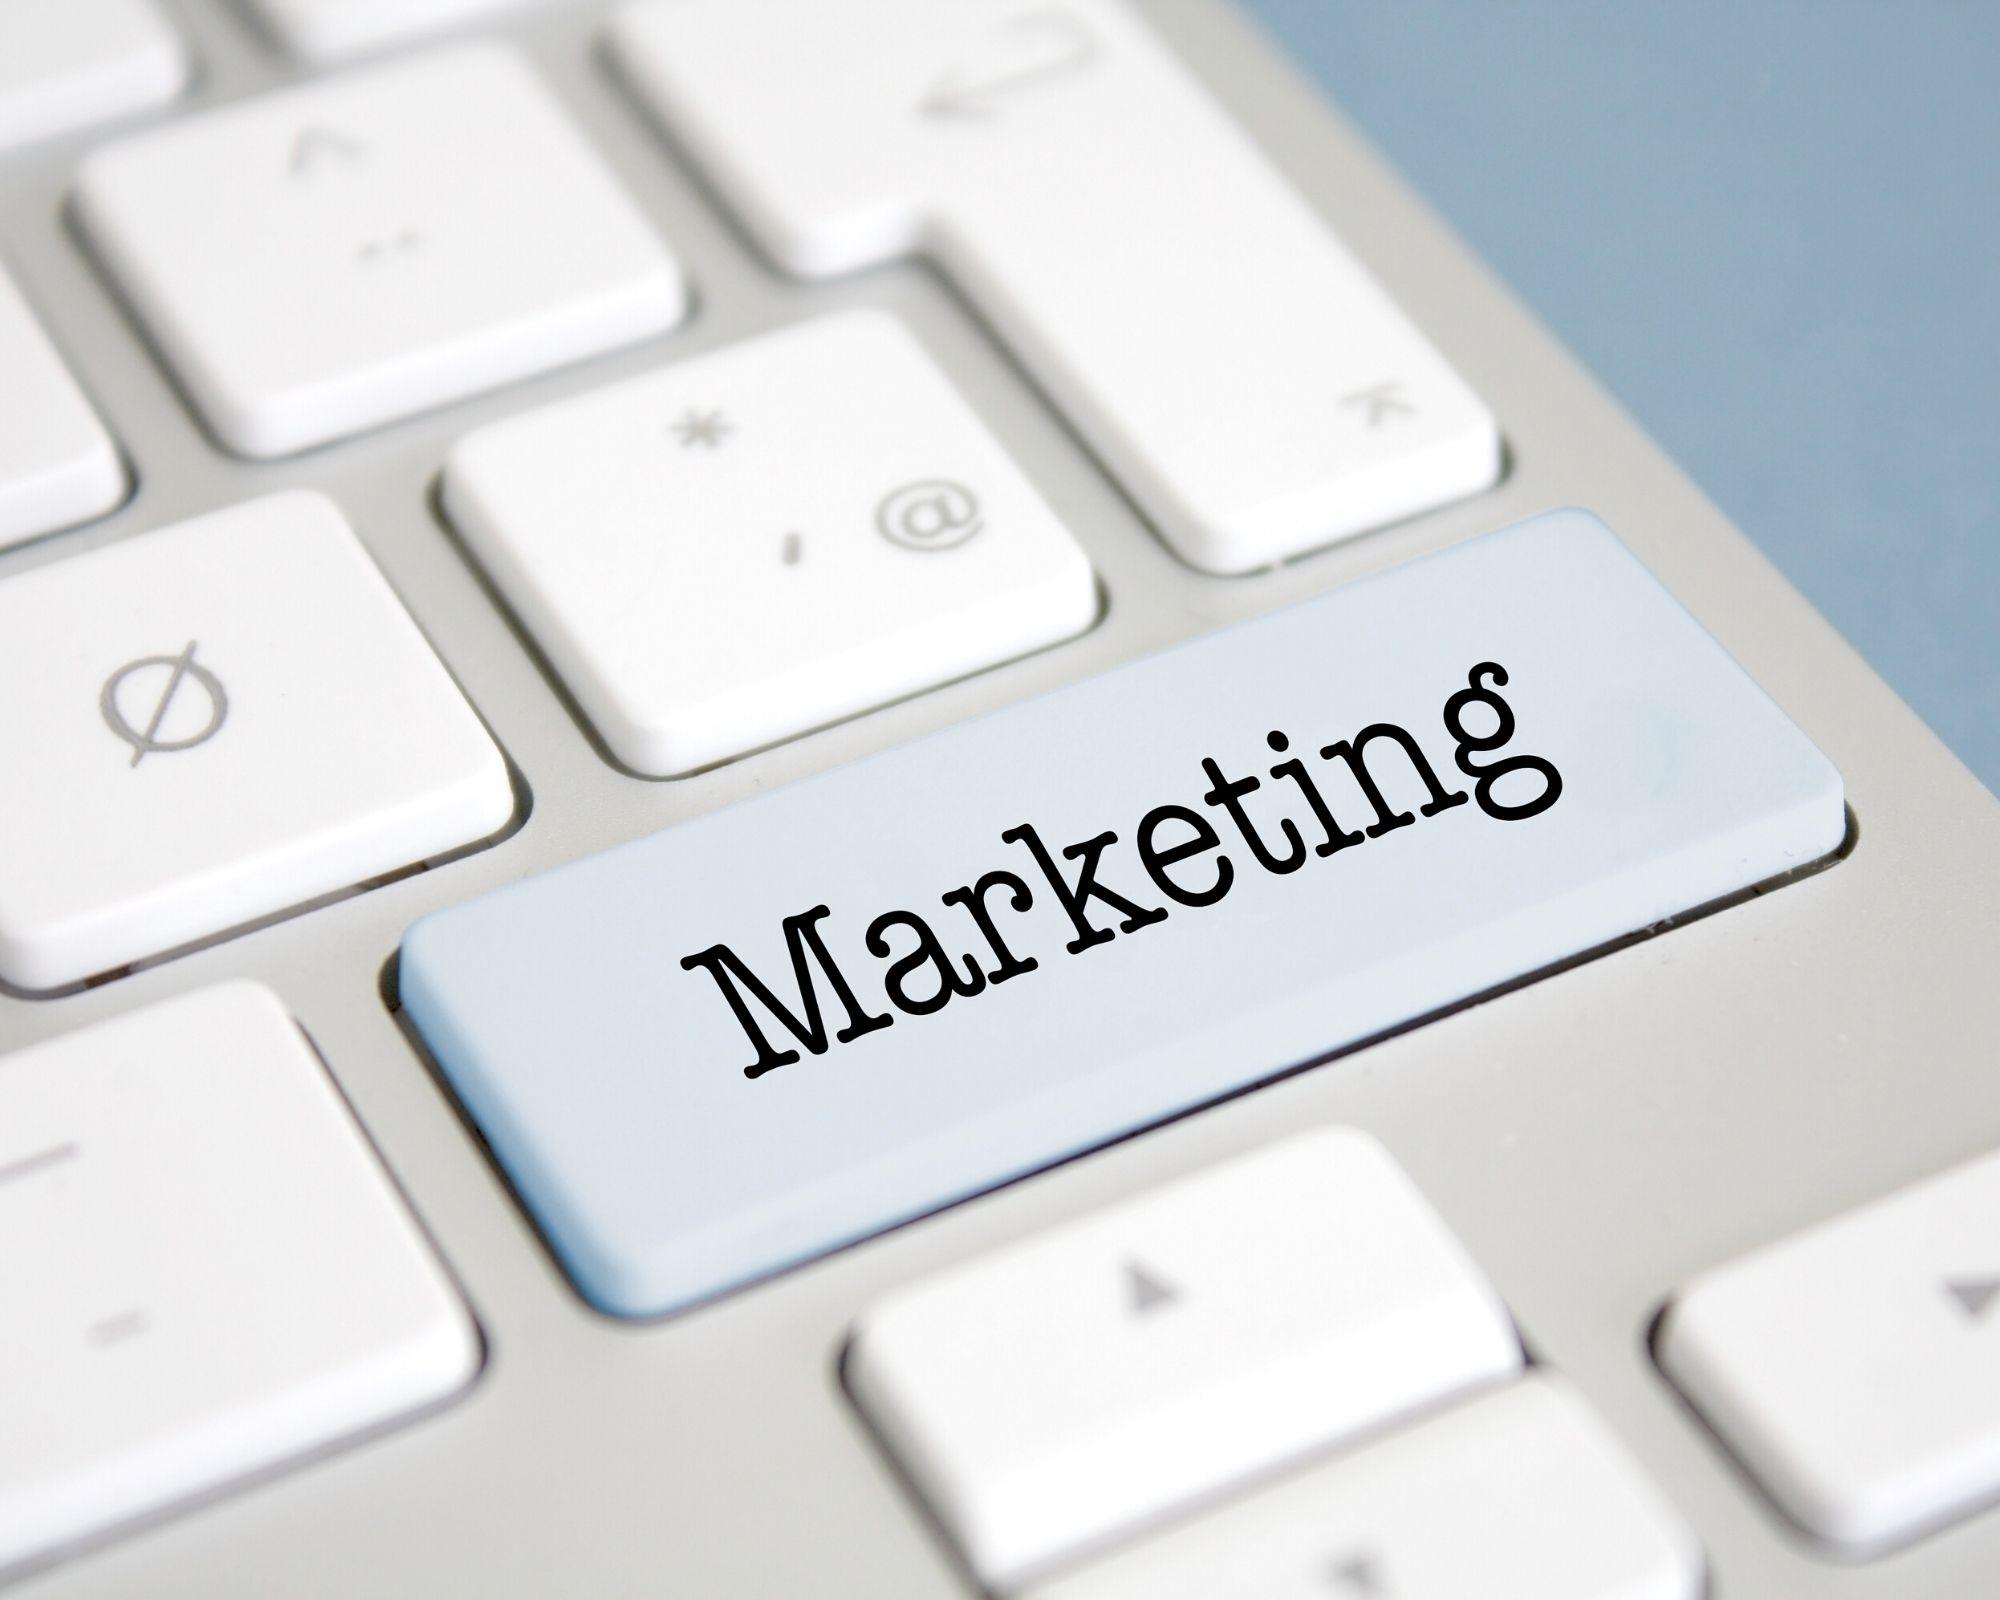 Quer ganhar dinheiro com Marketing de Afiliados? Veja como